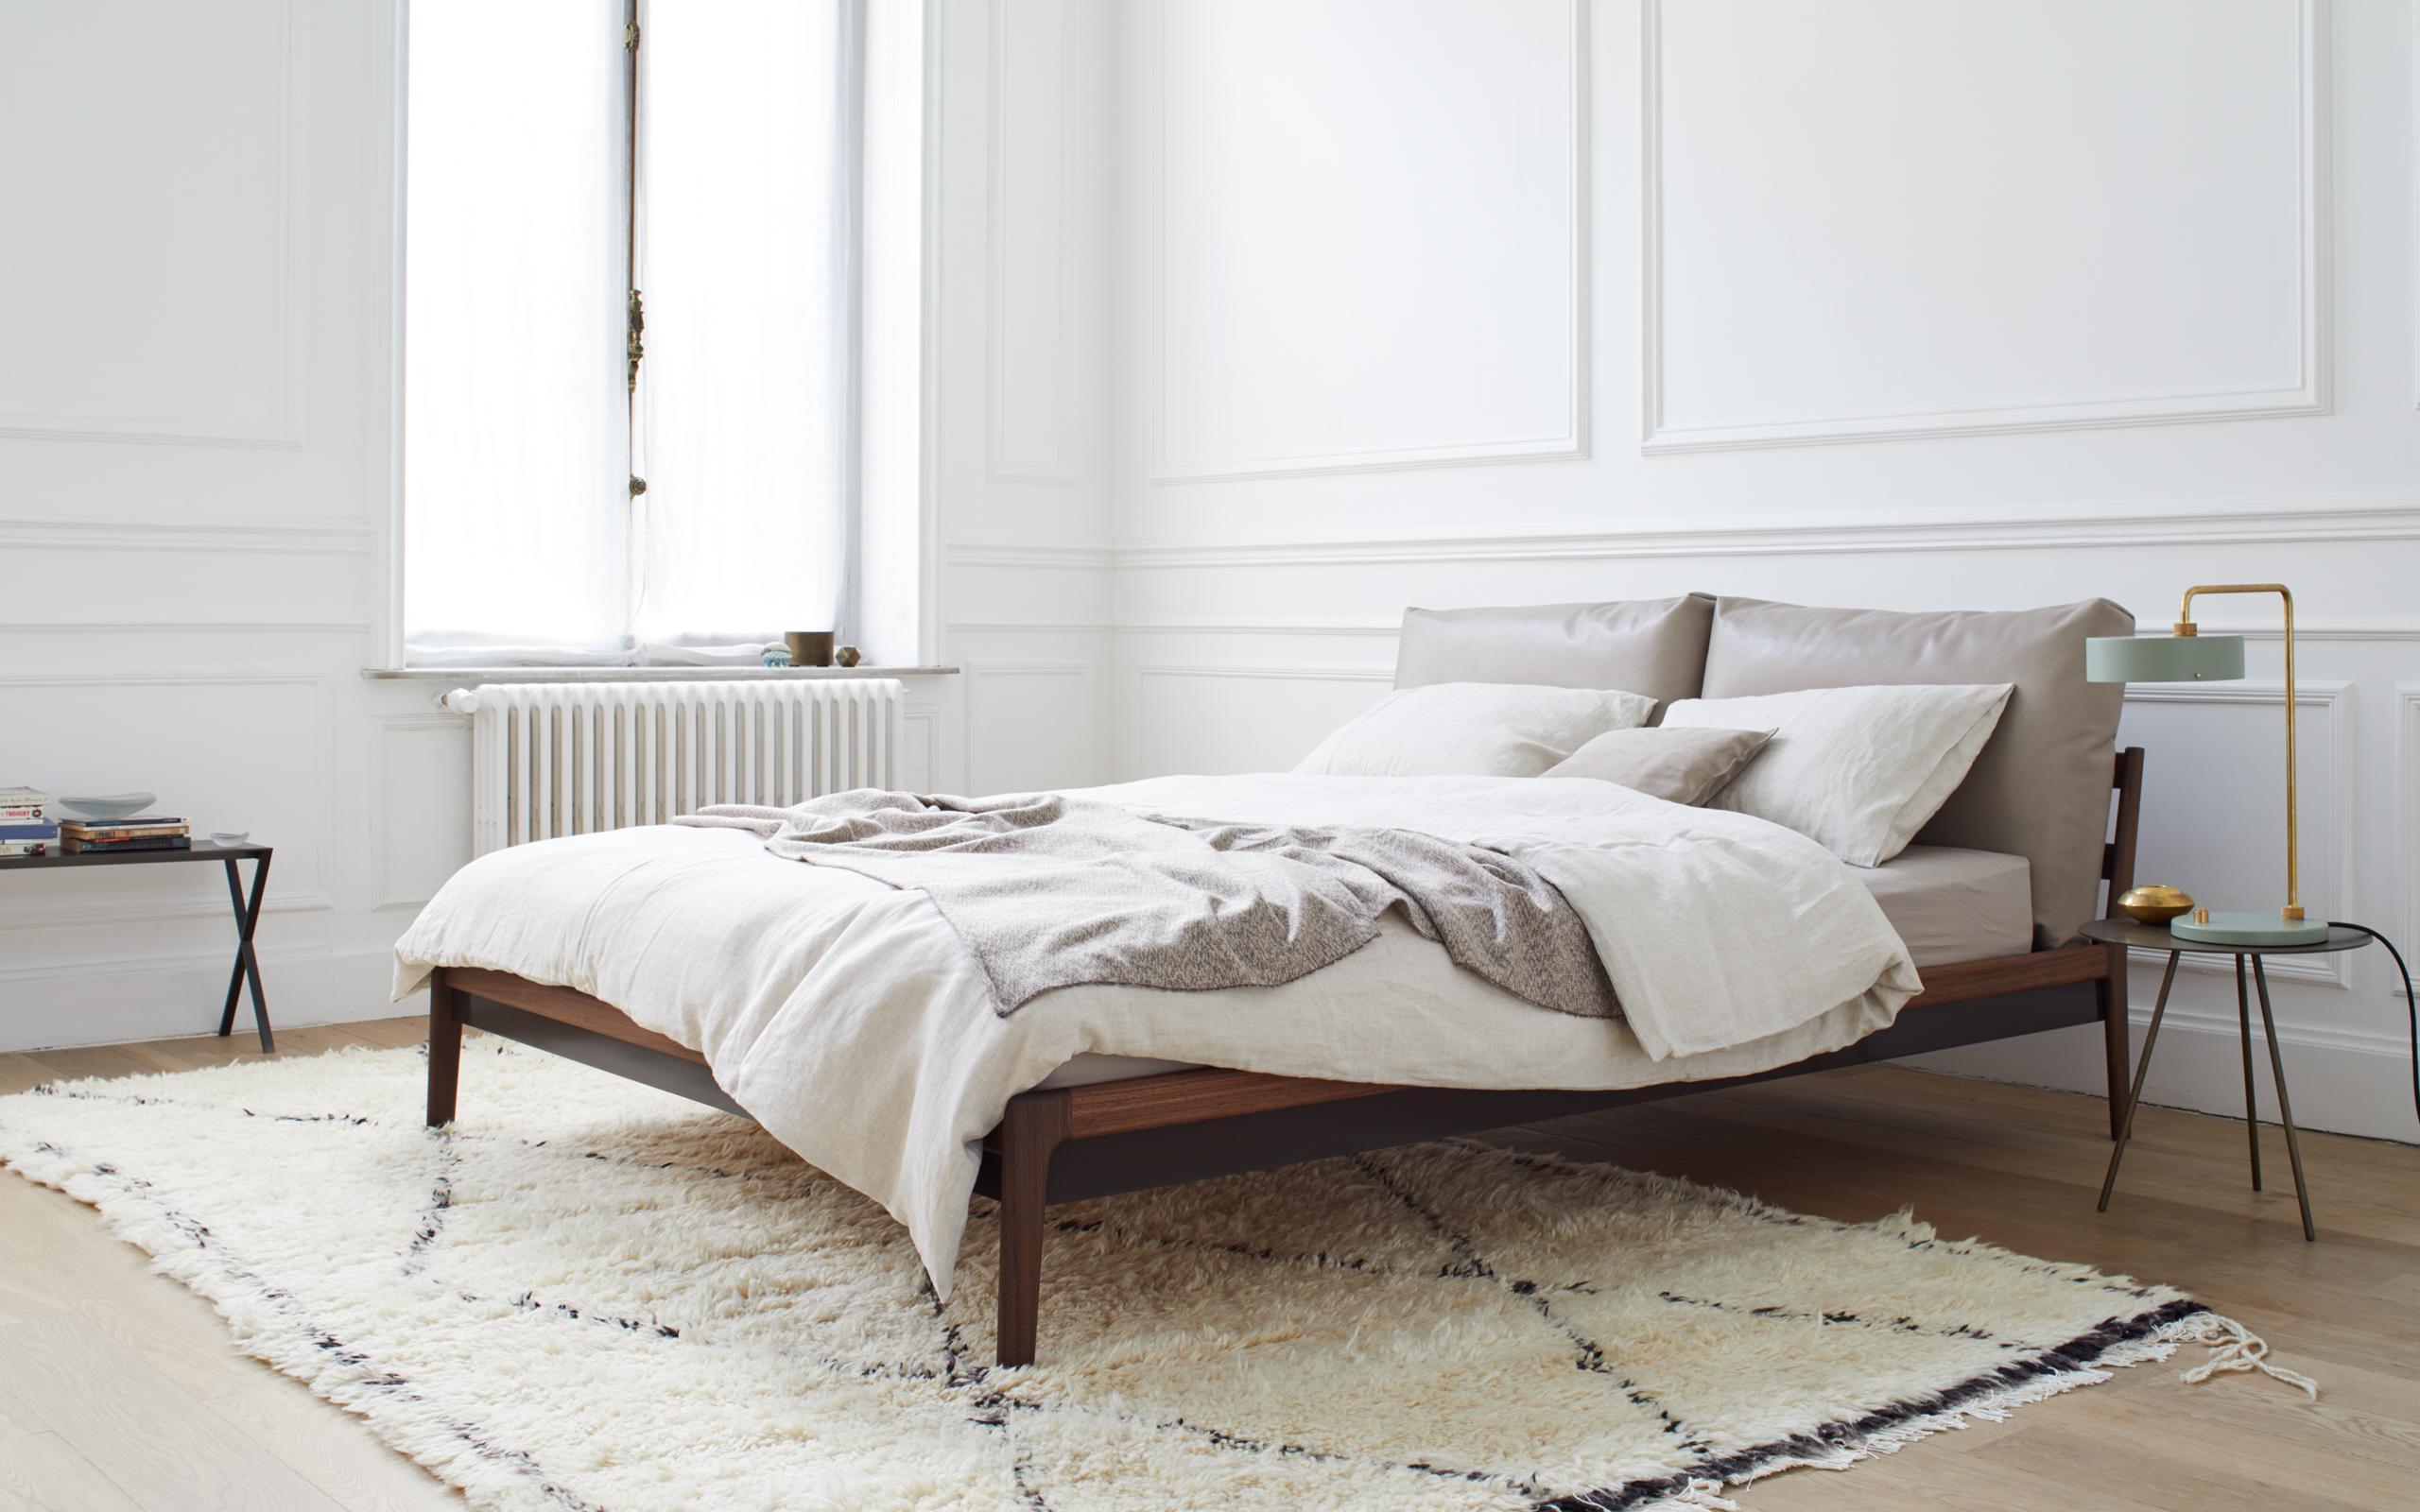 Minimalistisch wohnen bilder ideen couchstyle - Bett minimalistisch ...